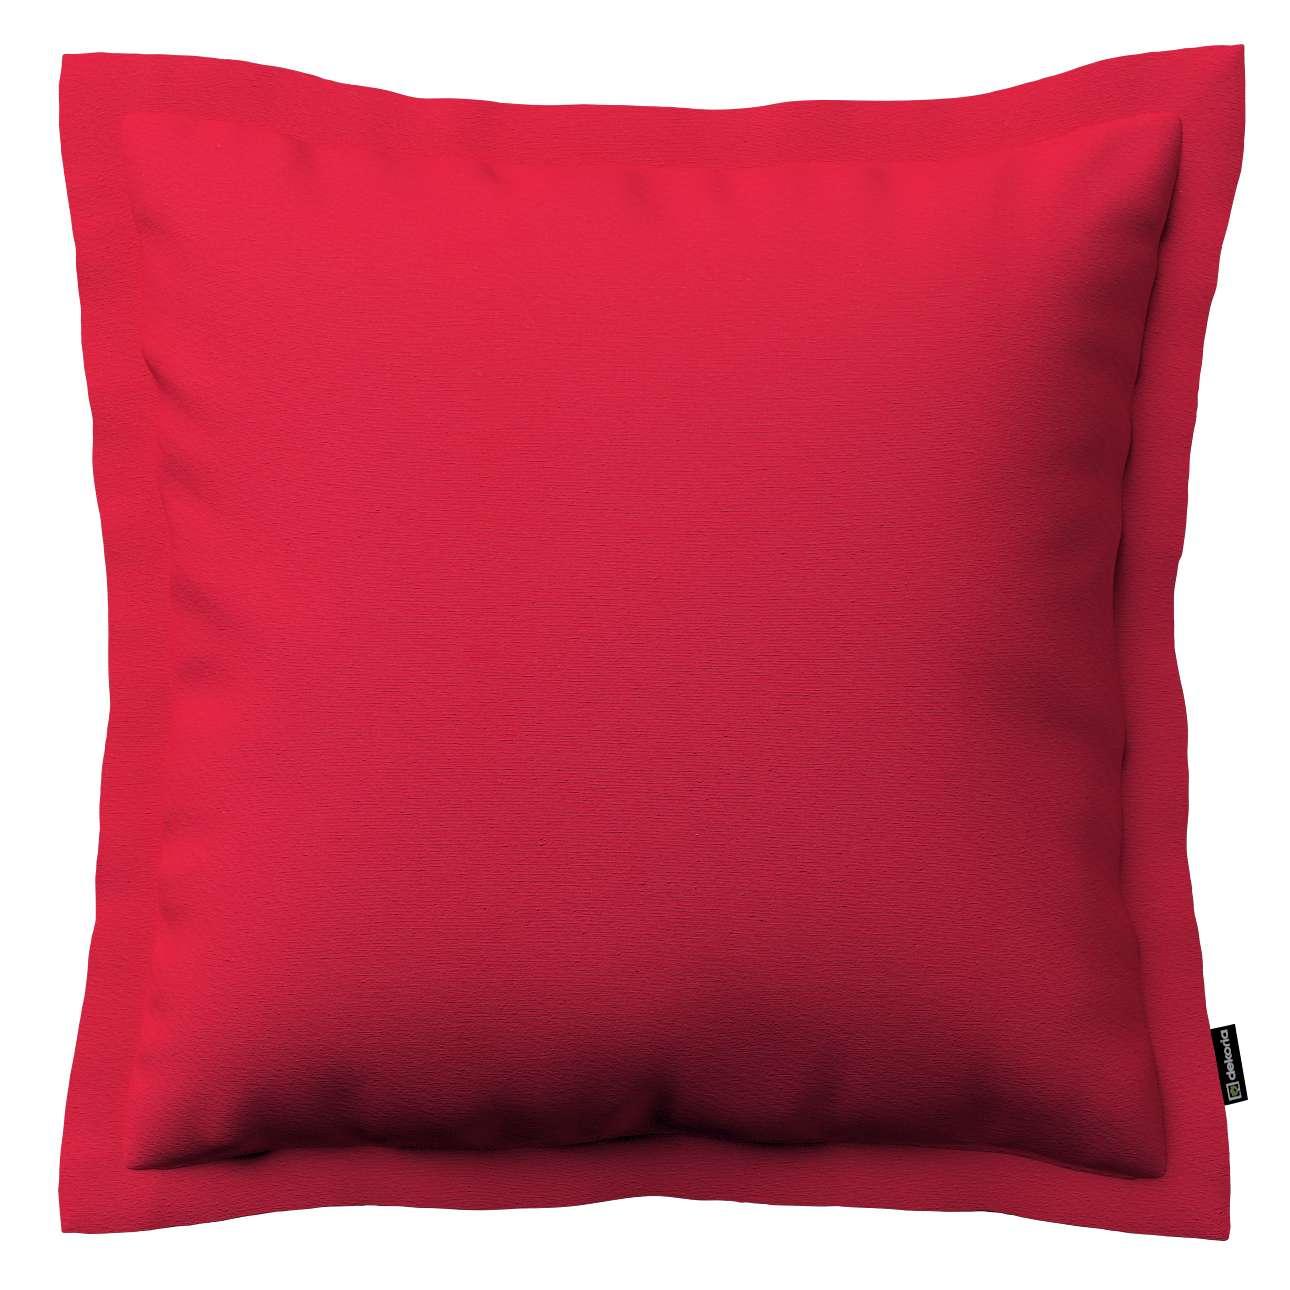 Mona dekoratyvinių pagalvėlių užvalkalas su sienele 38 x 38 cm kolekcijoje Quadro, audinys: 136-19